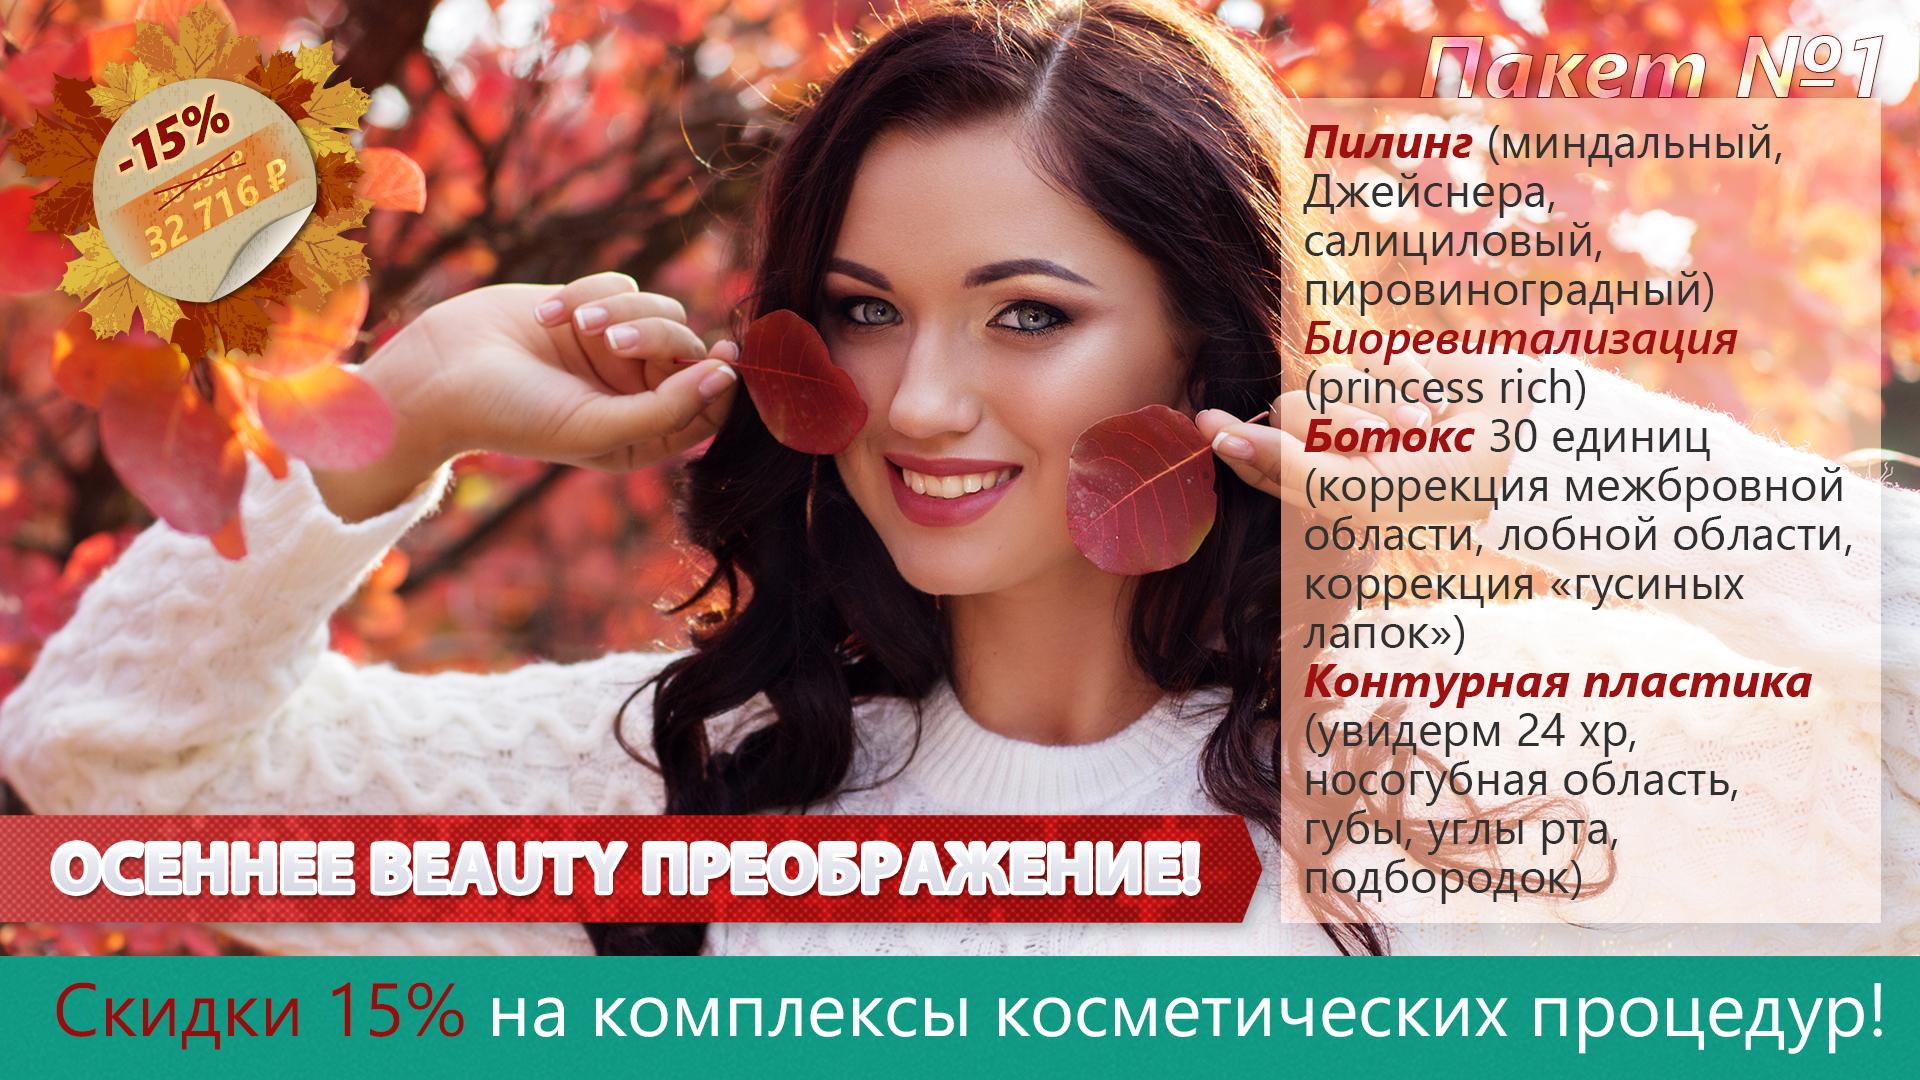 Осеннее Бьюти Преображение № 1